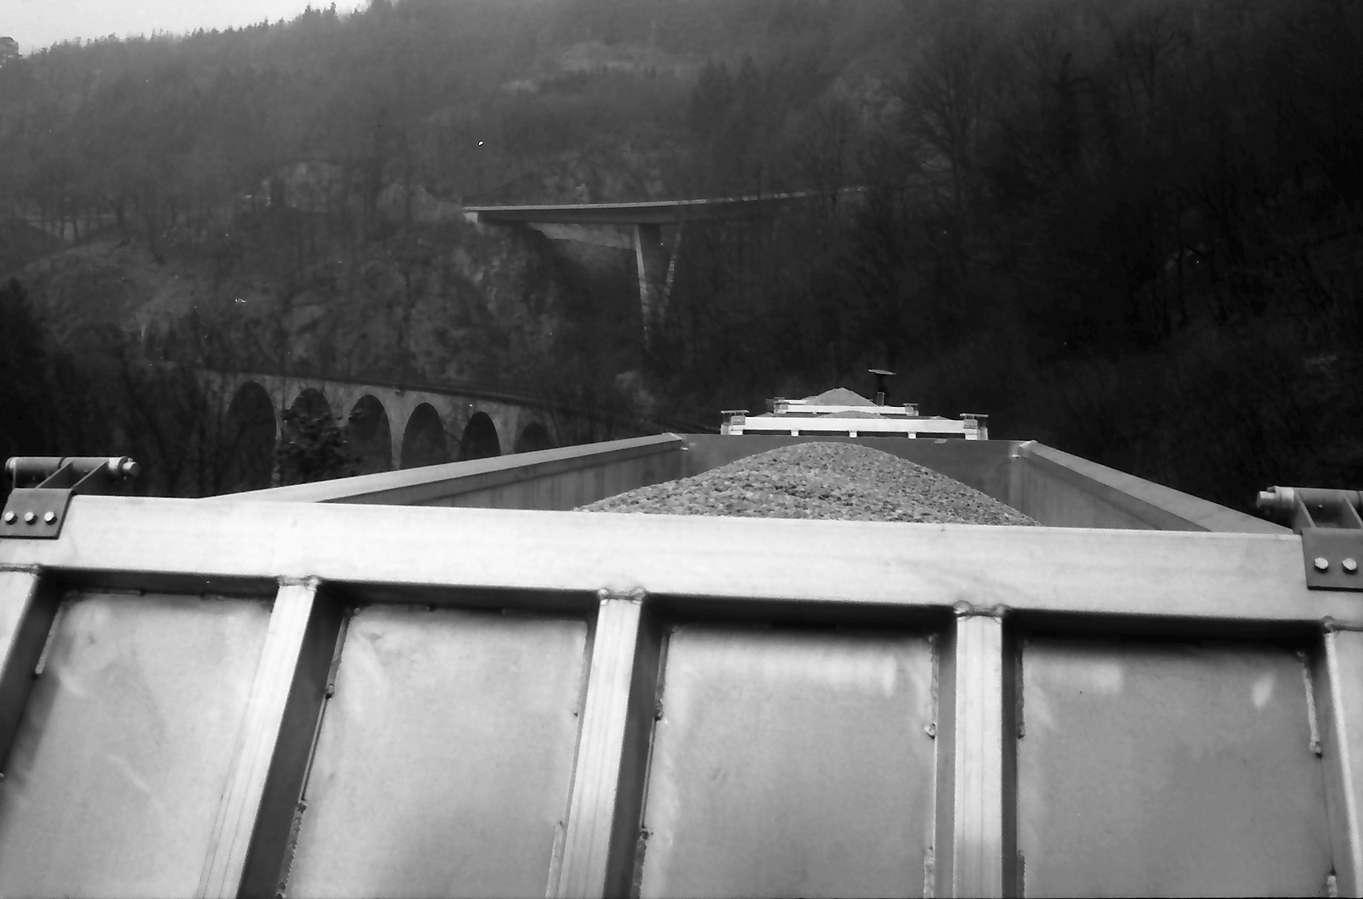 Gernsbach: Containerzug auf Fahrt durchs Murgtal, Bild 1